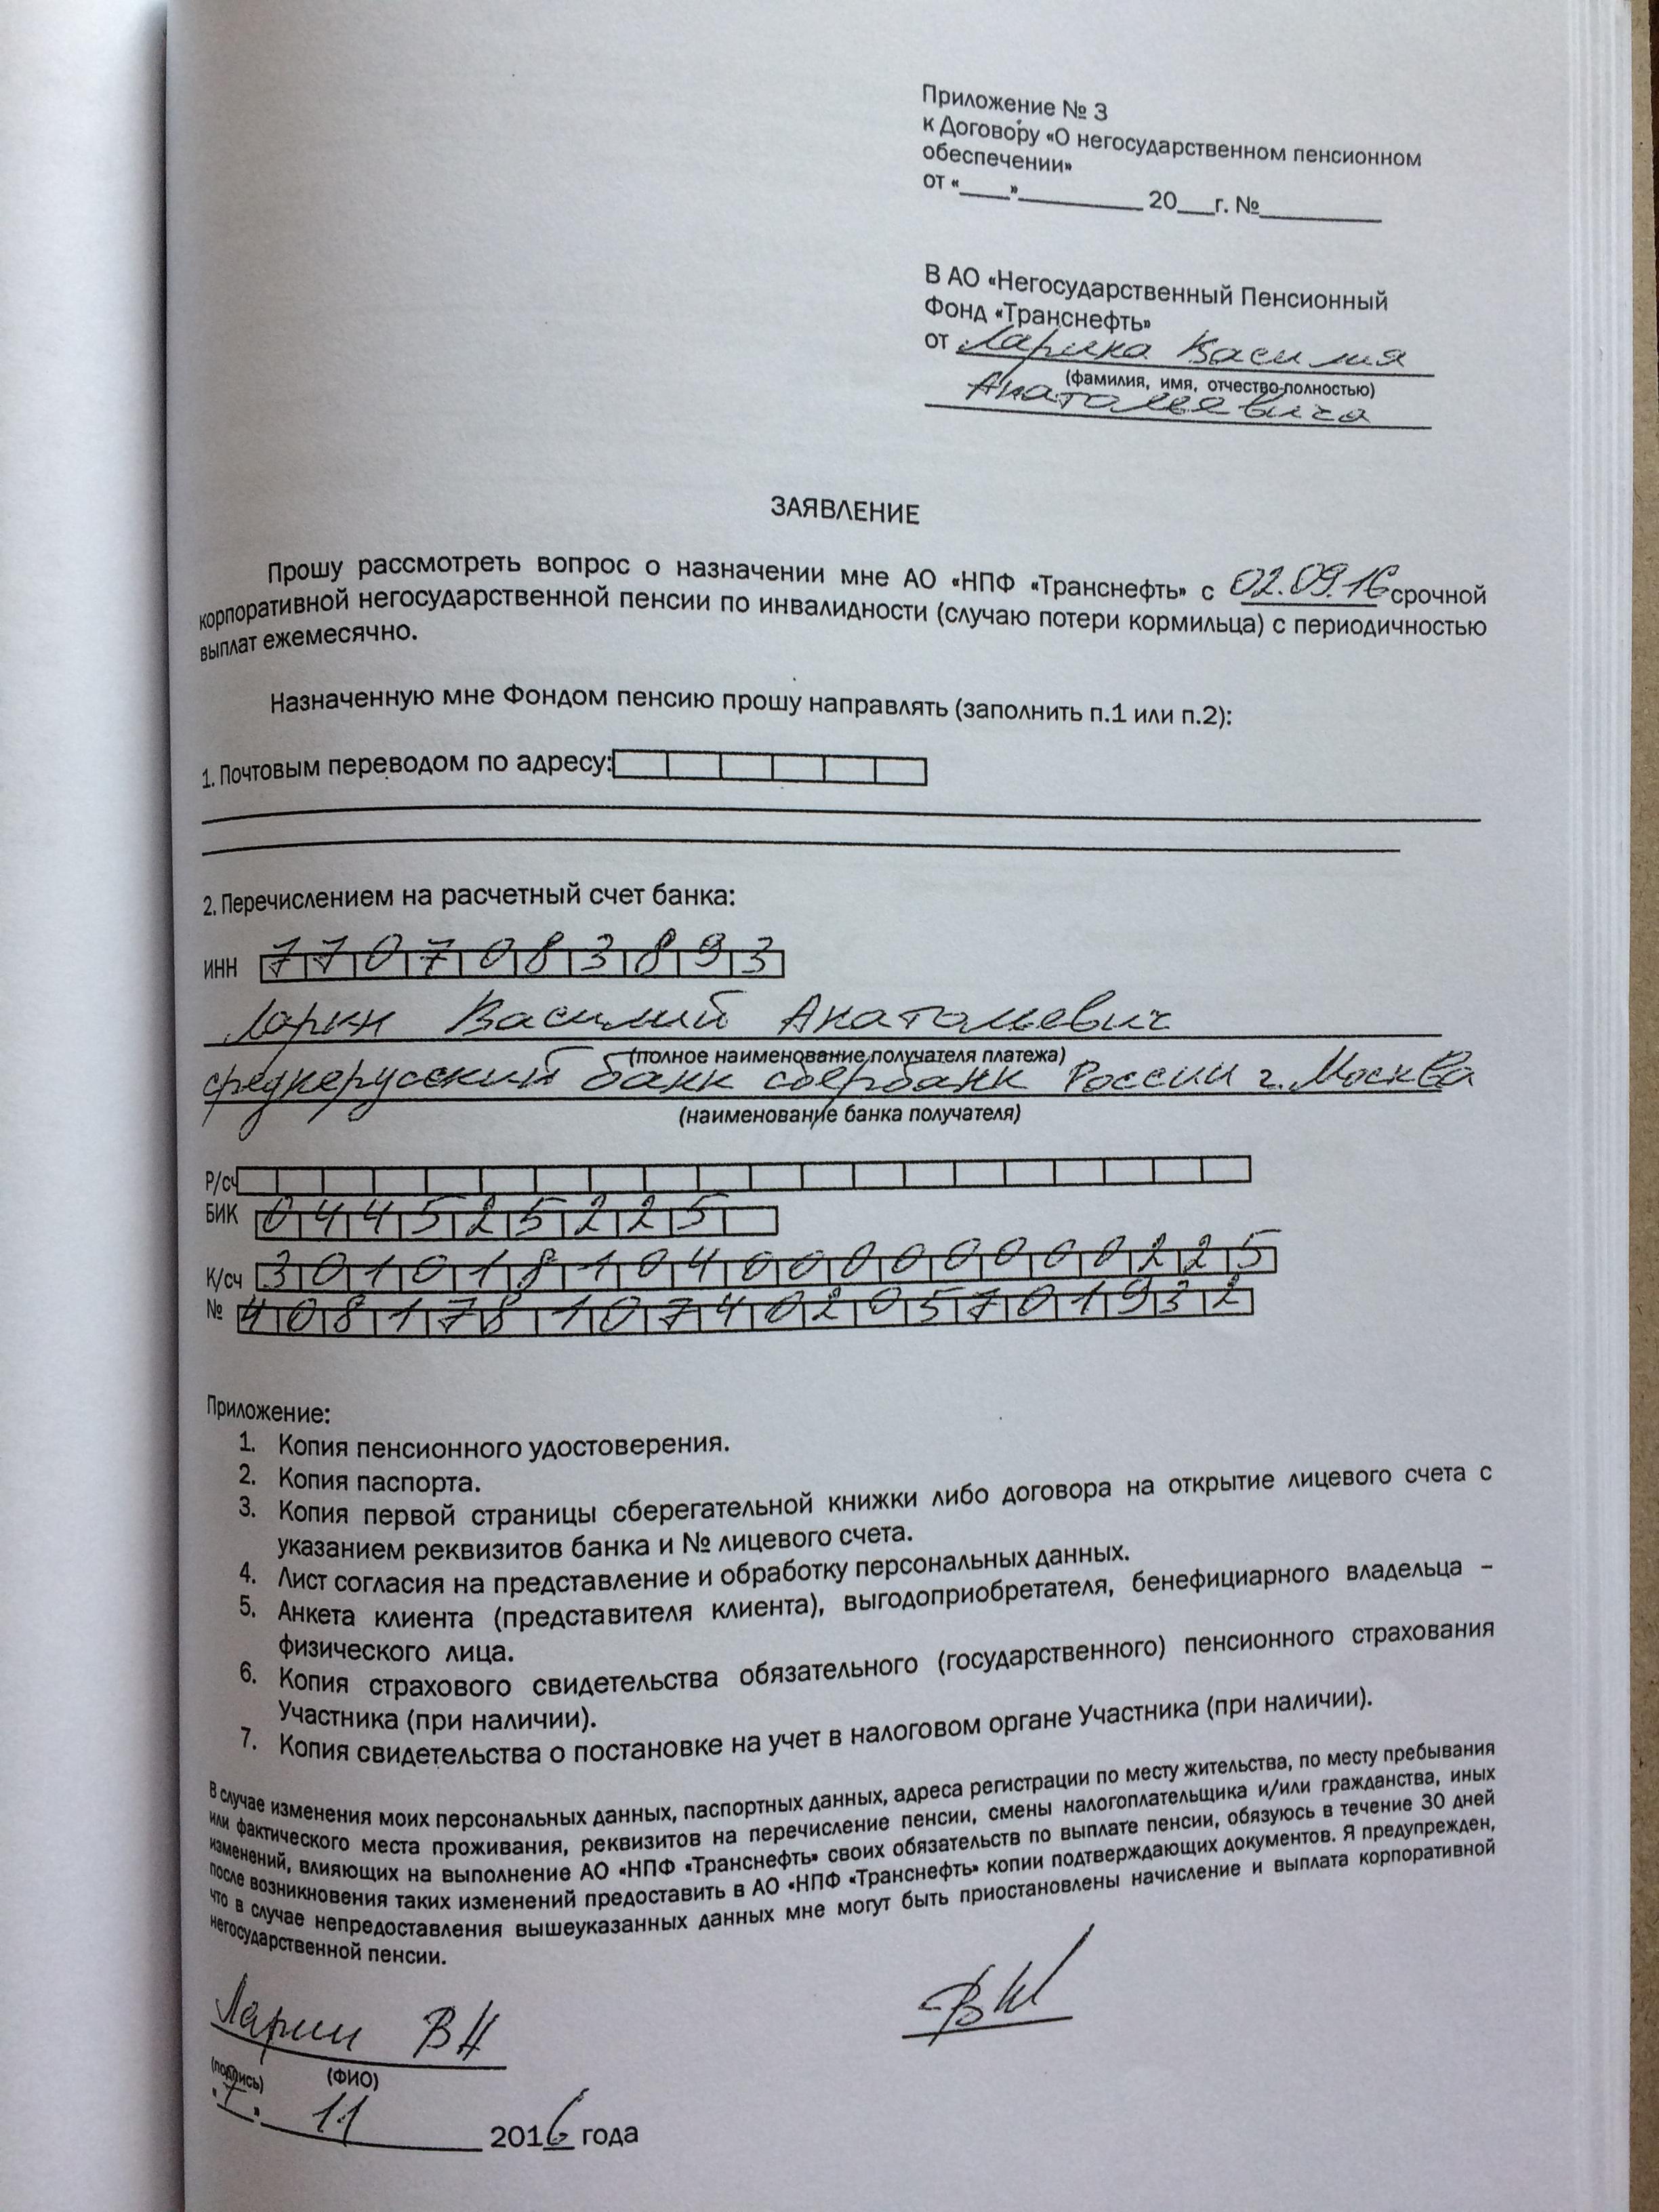 Фото документов проверки Луховицкой городской прокуратурой - 44 (5)